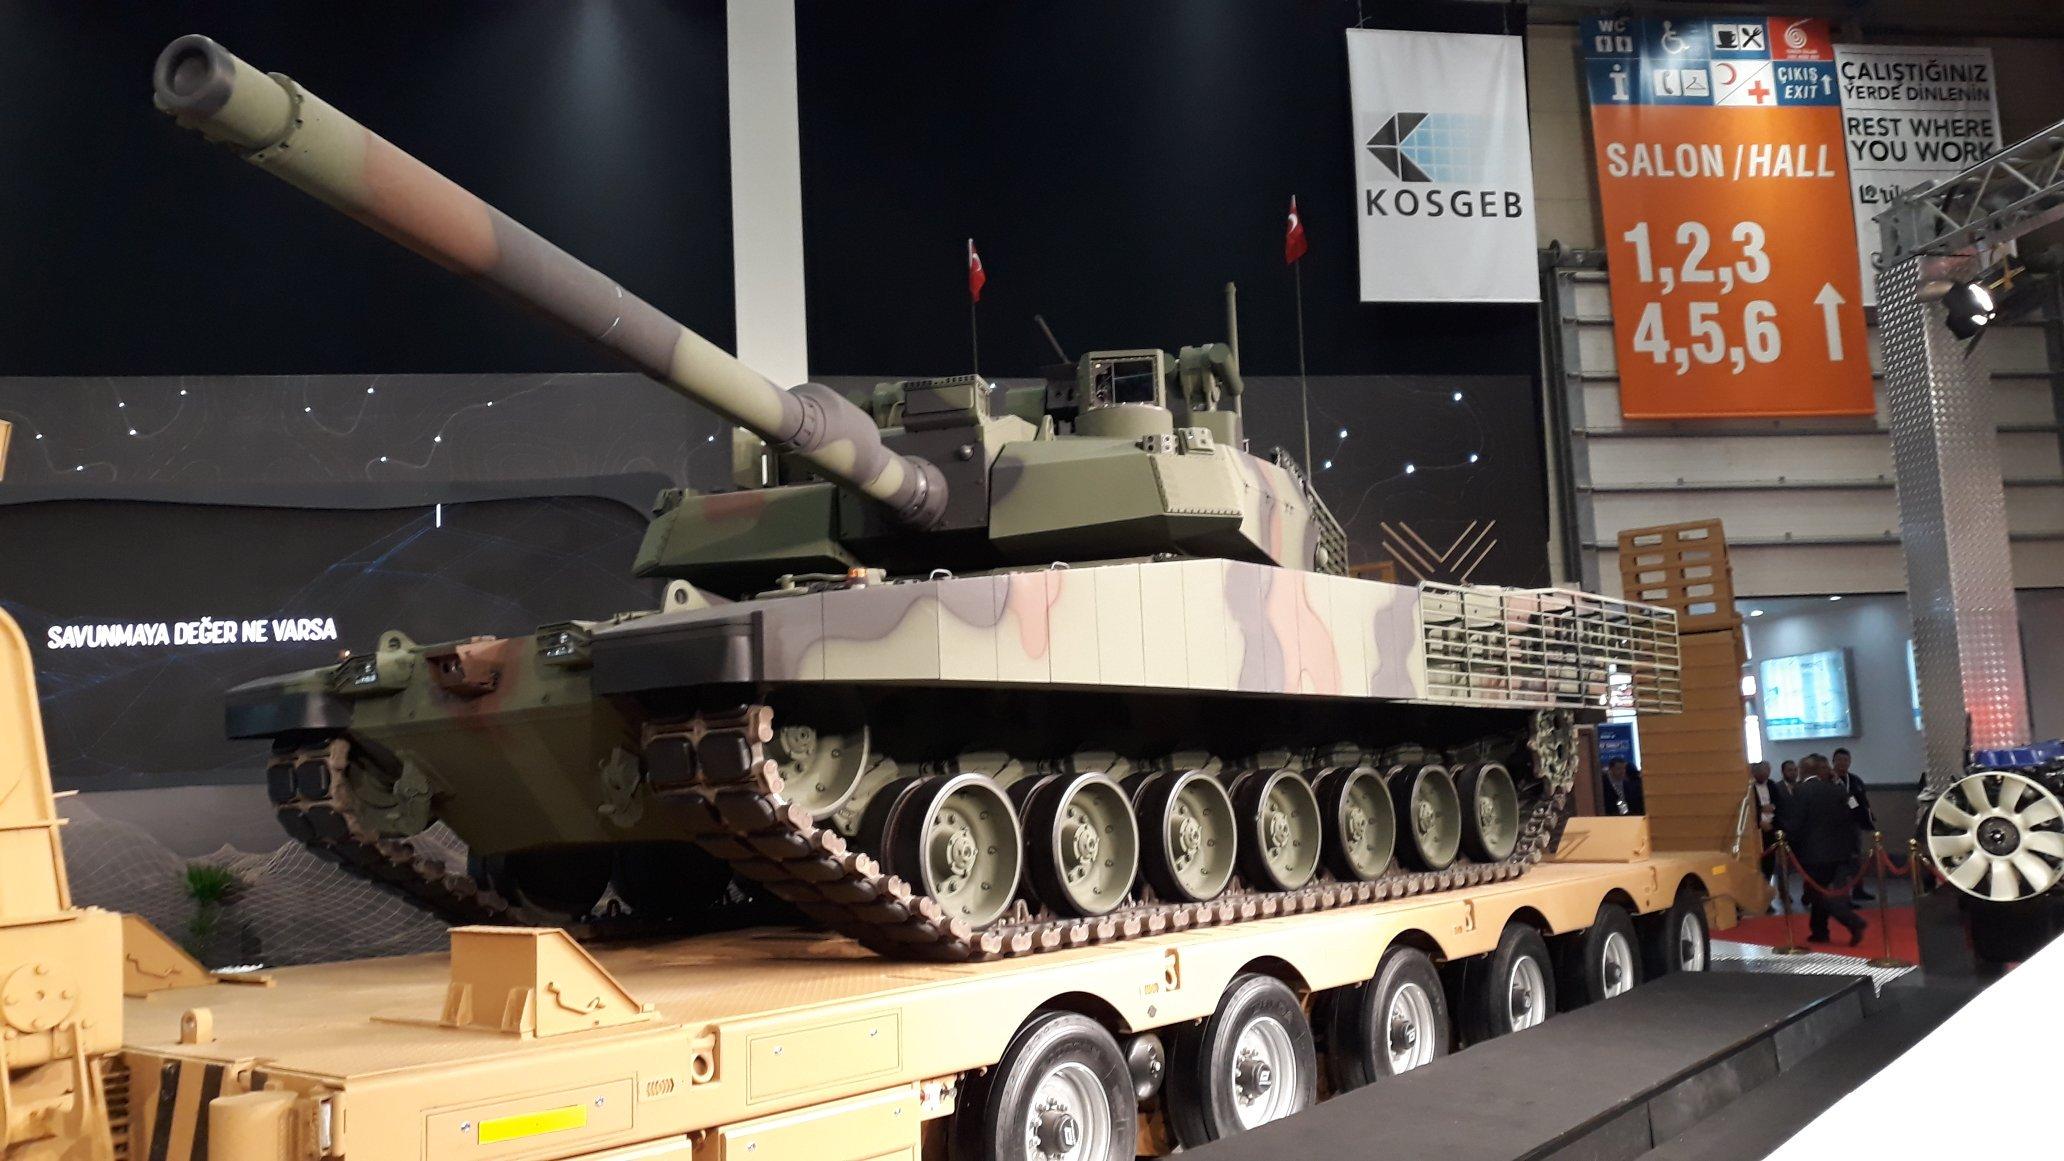 Altay Tankinin Uretiminde Gecikme Yasanabilir C Savunma